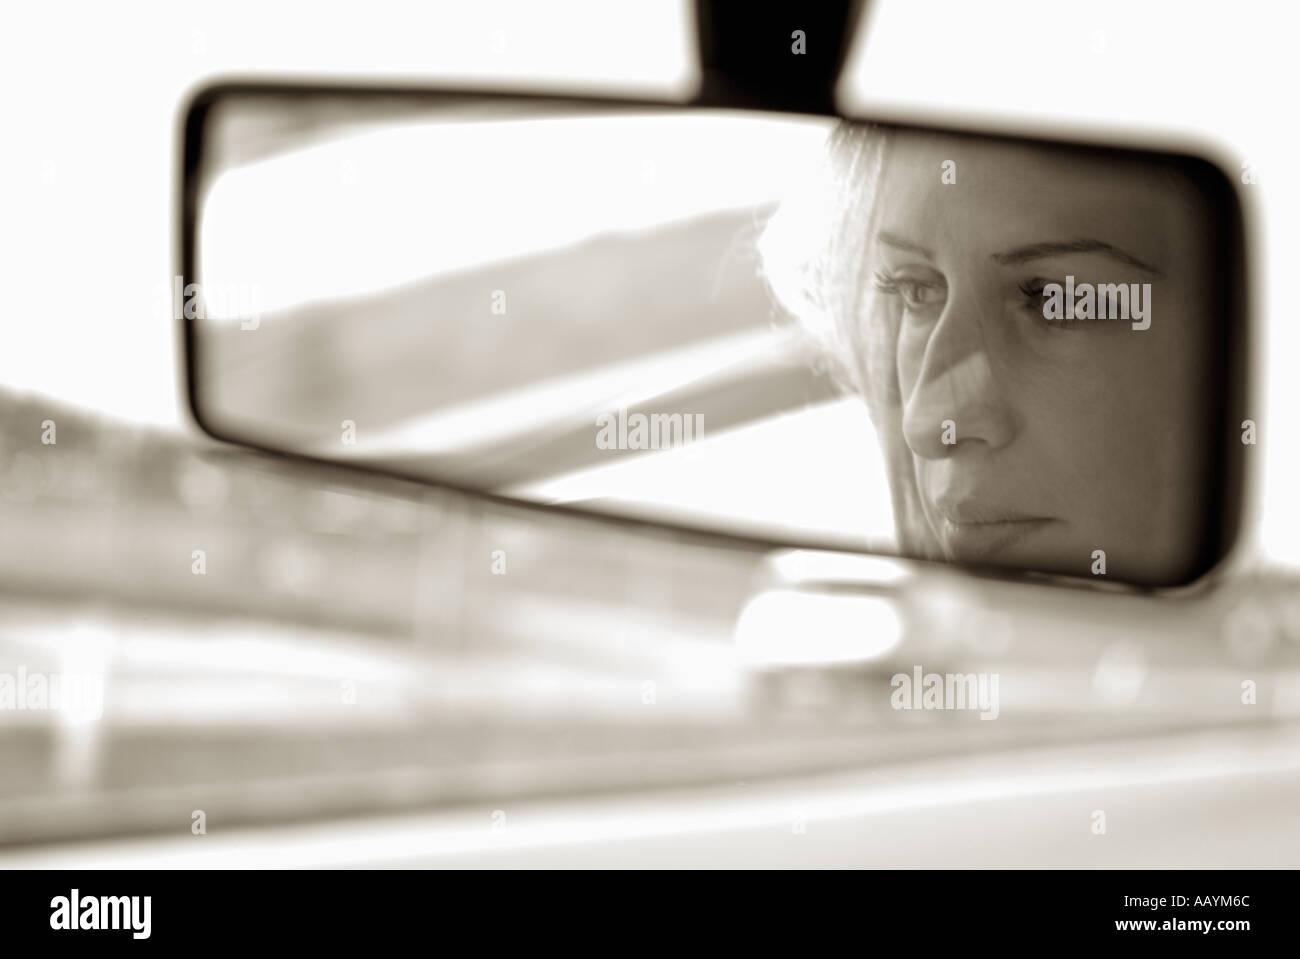 Donna in specchietto retrovisore di un auto guidando su una strada Foto Stock